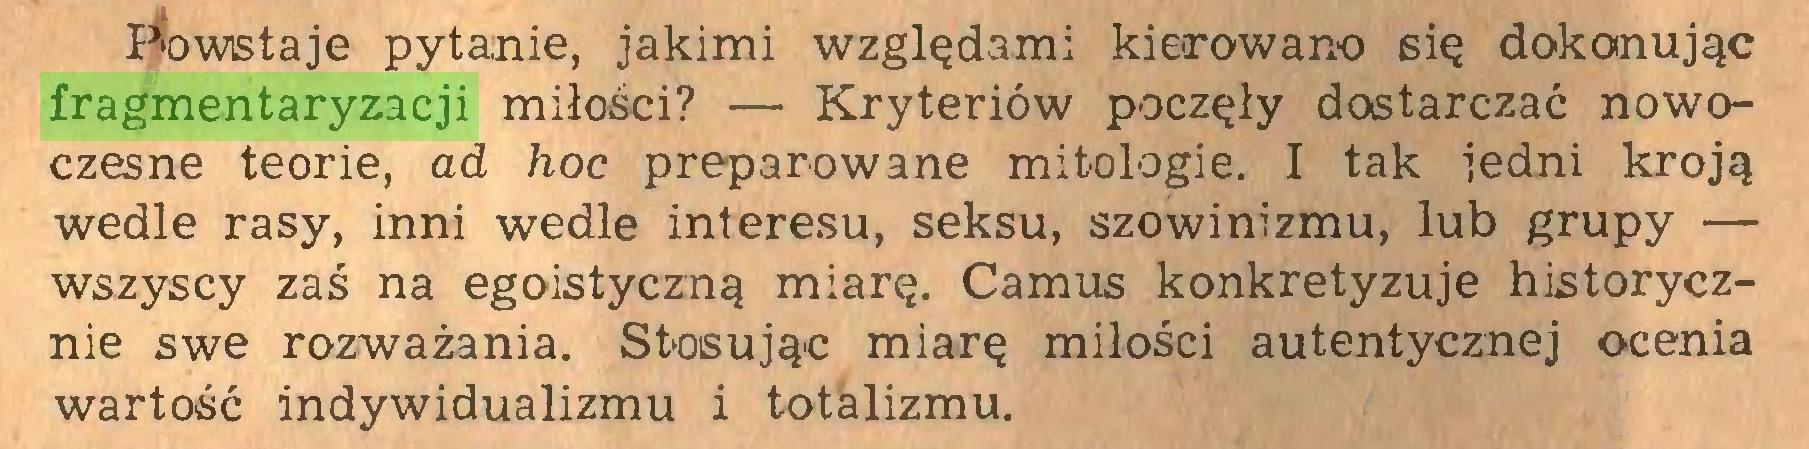 (...) Powstaje pytanie, jakimi względami kierowano się dokonując fragmentaryzacji miłości? — Kryteriów poczęły dostarczać nowoczesne teorie, ad hoc preparowane mitologie. I tak jedni kroją wedle rasy, inni wedle interesu, seksu, szowinizmu, lub grupy — wszyscy zaś na egoistyczną miarę. Camus konkretyzuje historycznie swe rozważania. Stosując miarę miłości autentycznej ocenia wartość indywidualizmu i totalizmu...